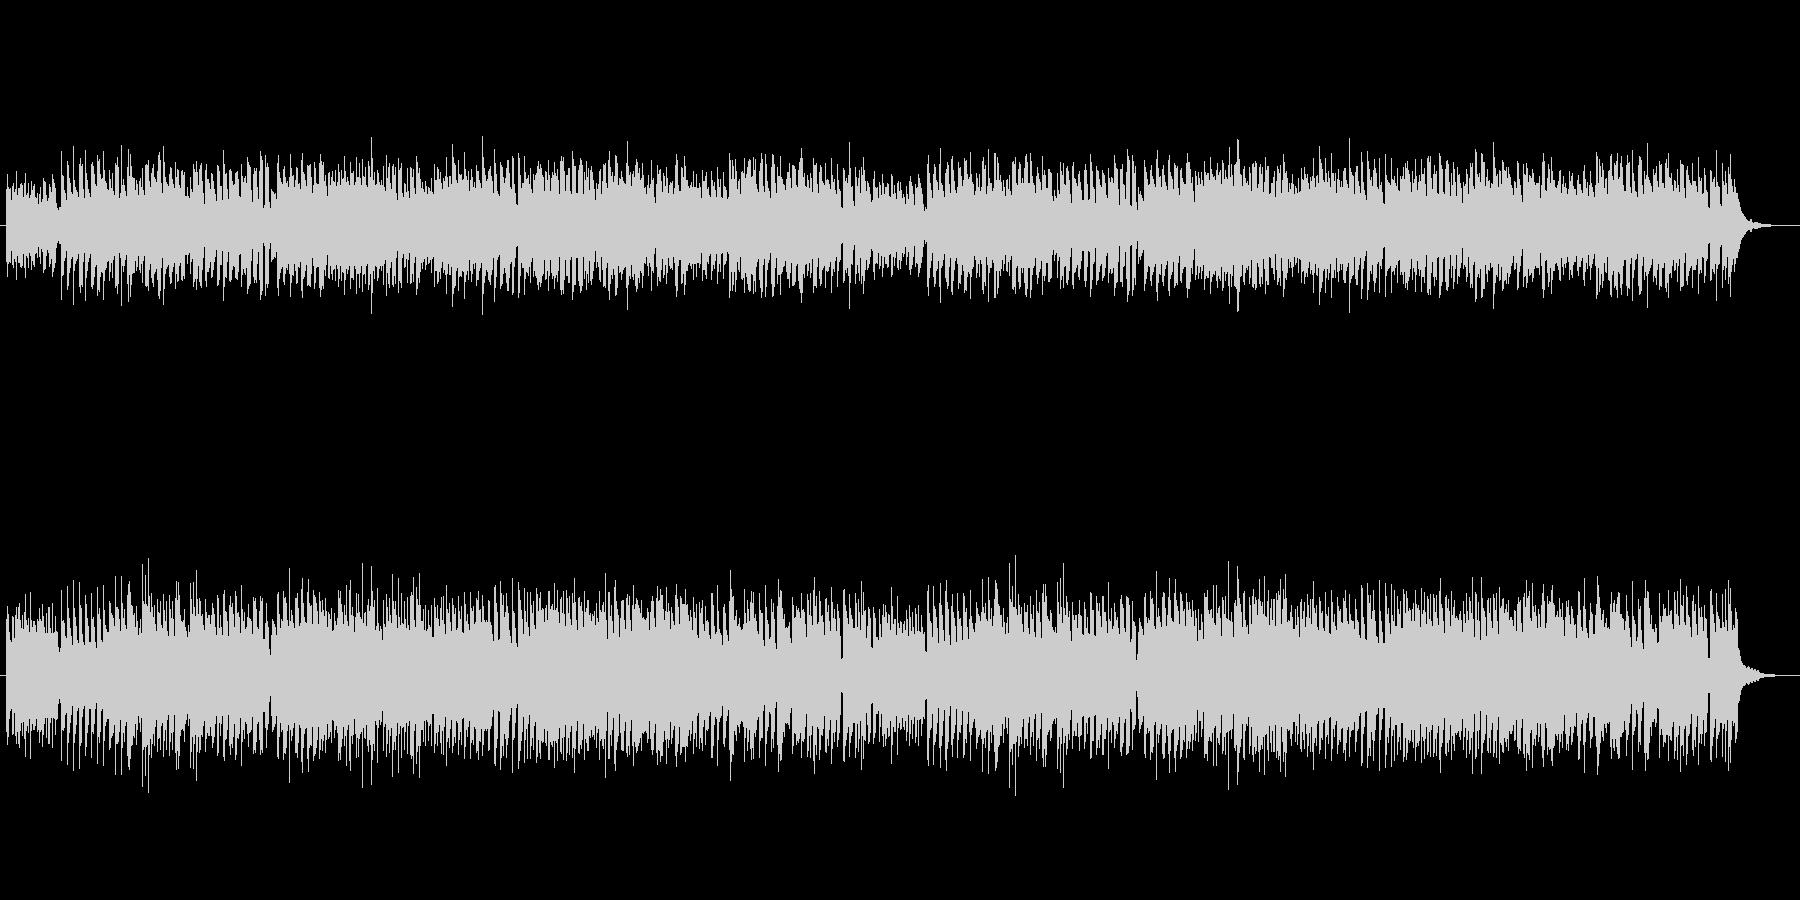 クラシック風、対位法のチェンバロBGMの未再生の波形